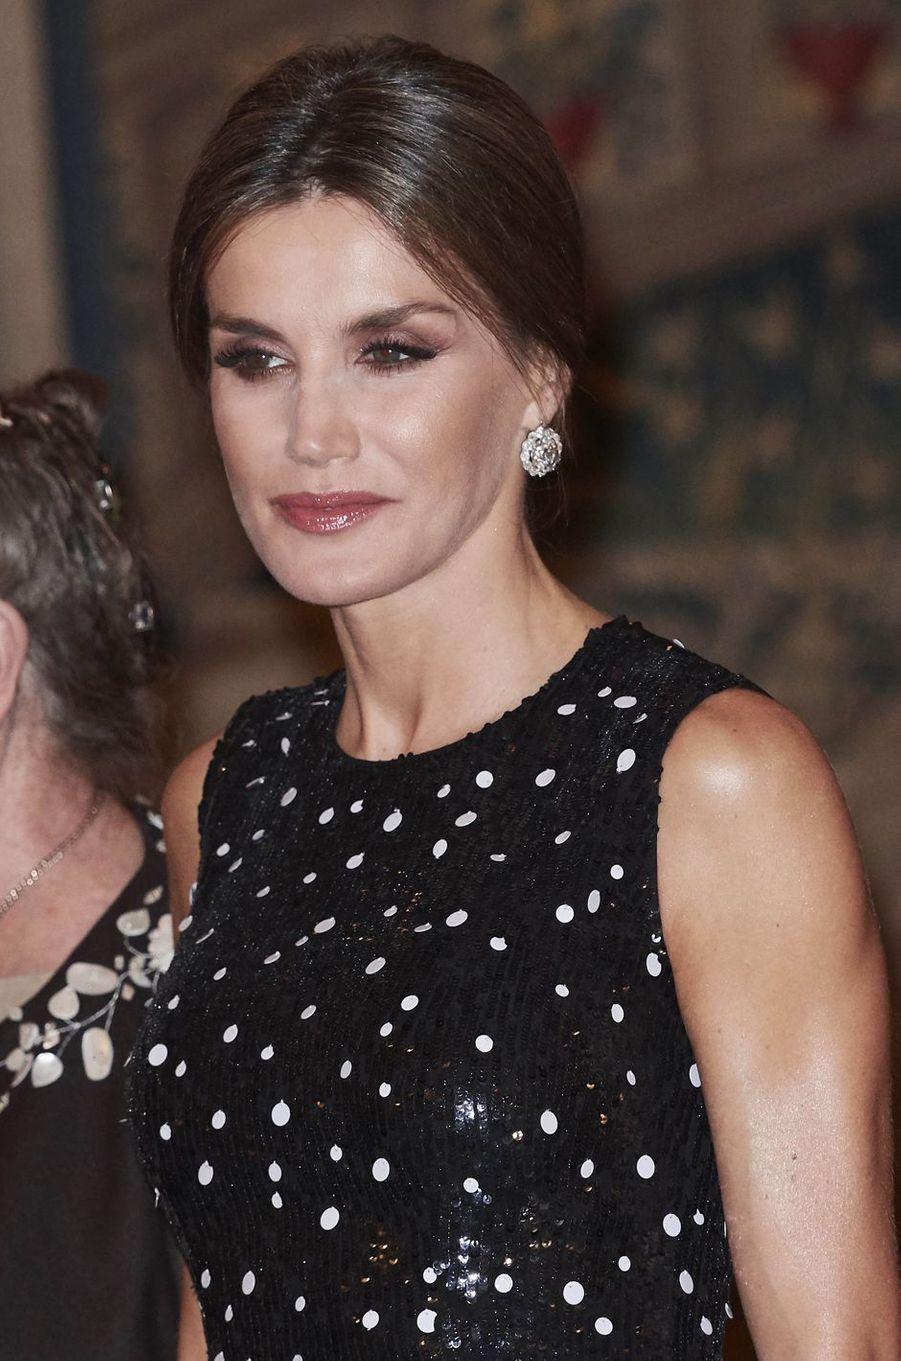 La reine Letizia d'Espagne à Madrid, le 7 novembre 2017